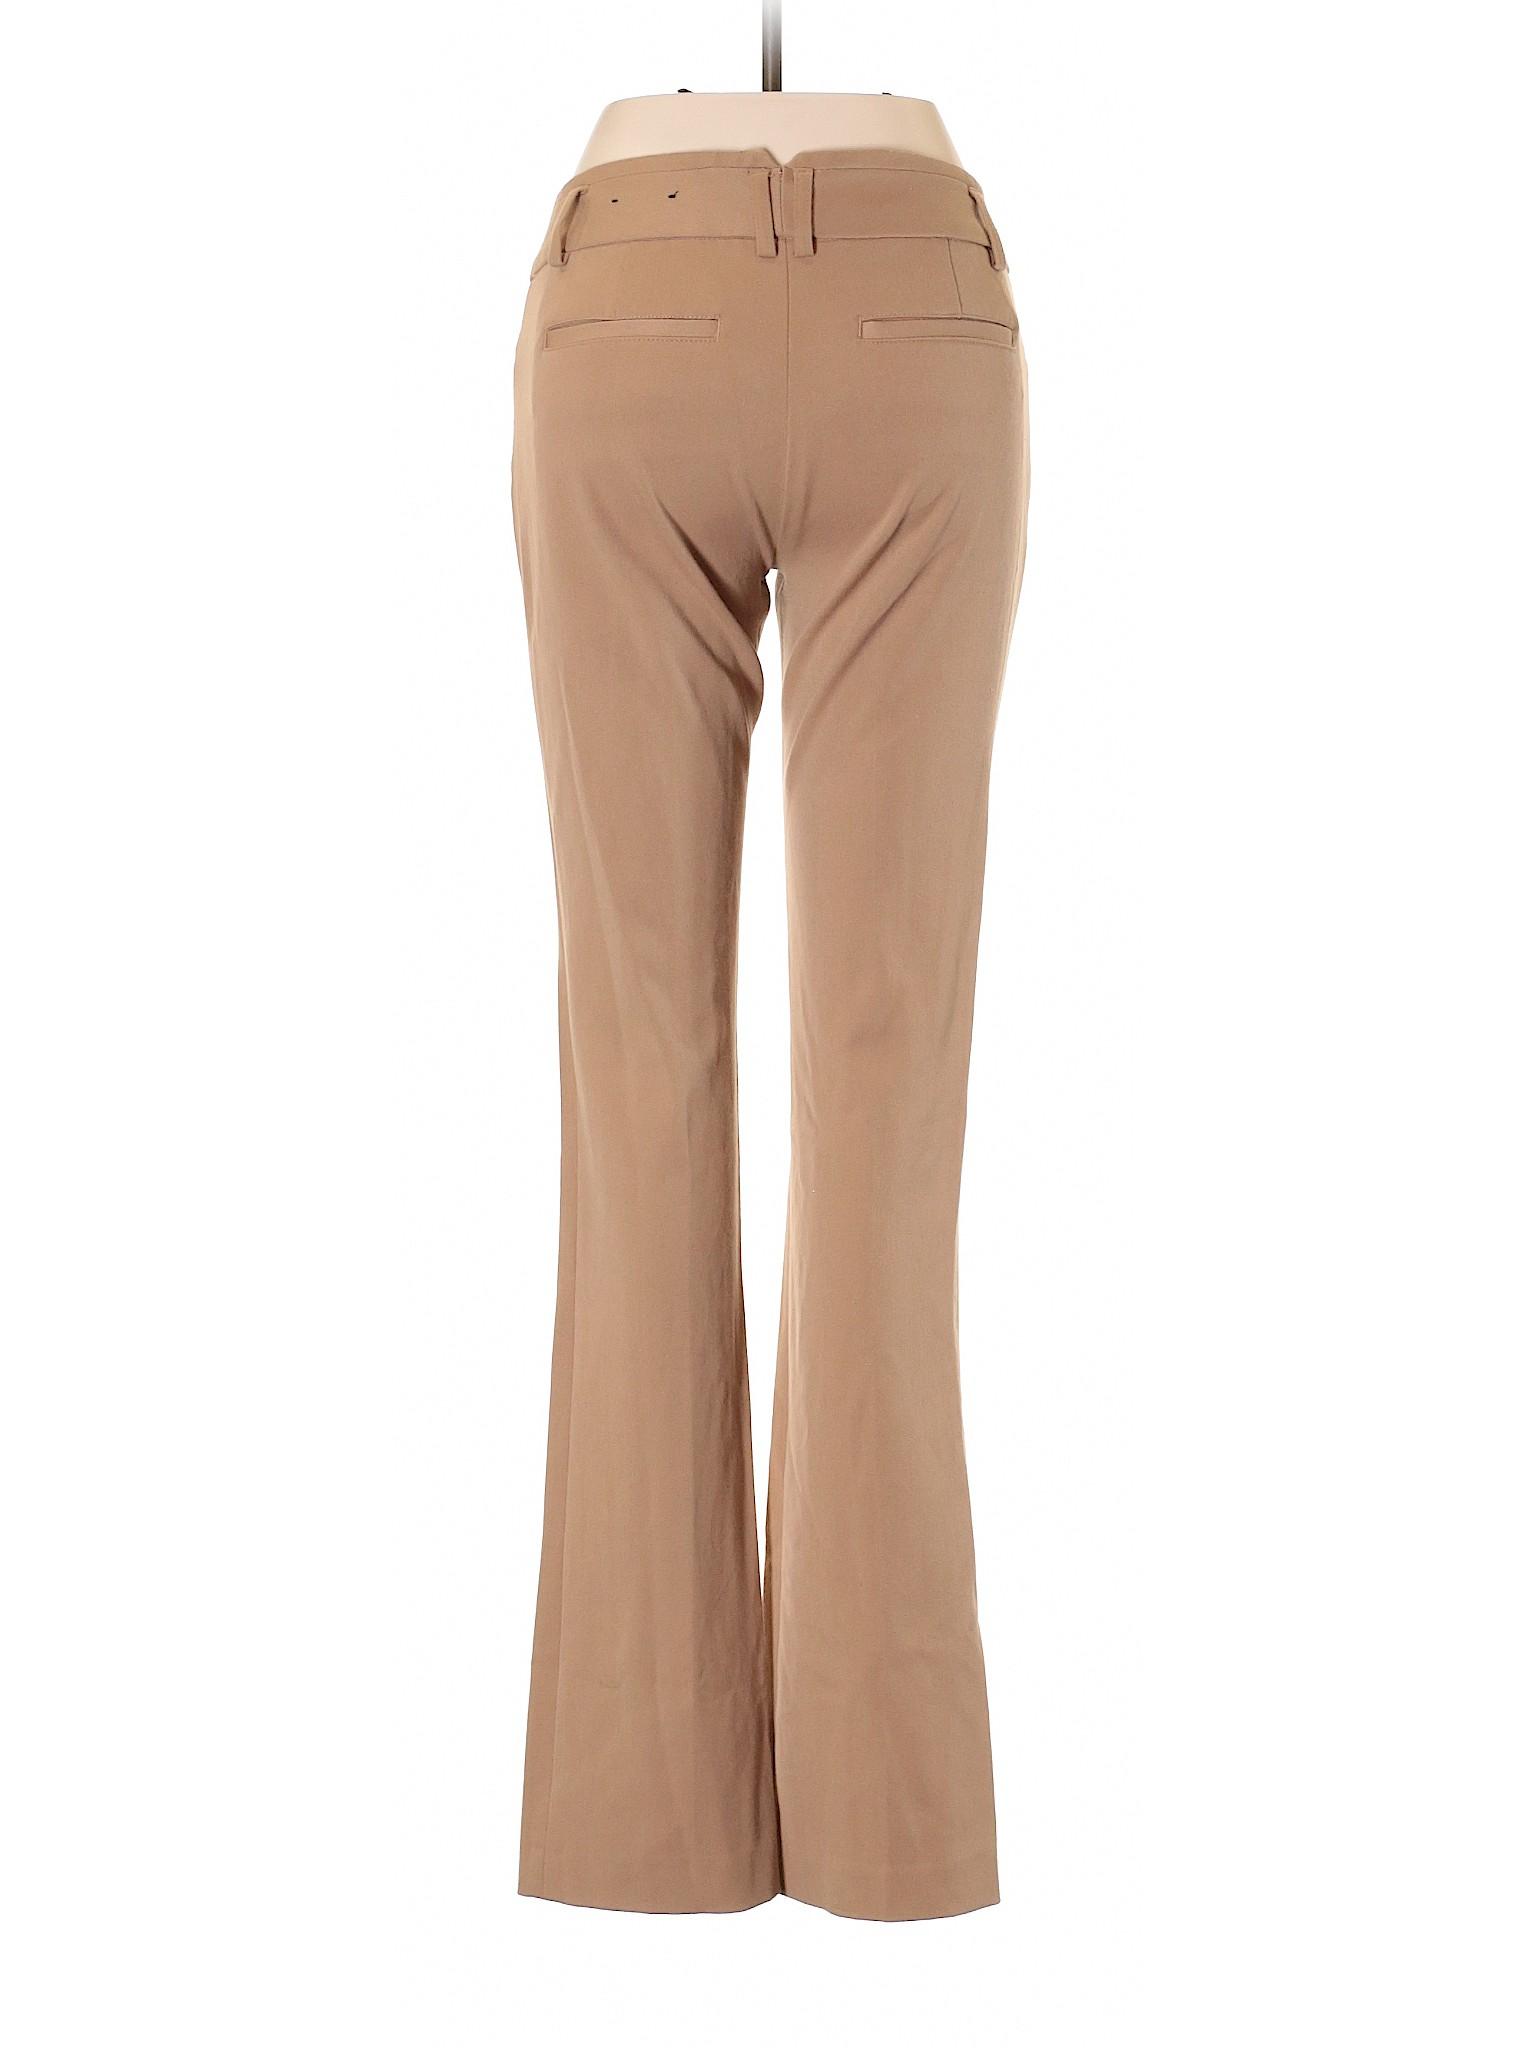 Boutique Express Pants Pants winter Dress Boutique Boutique Express winter Dress 5wHT1H